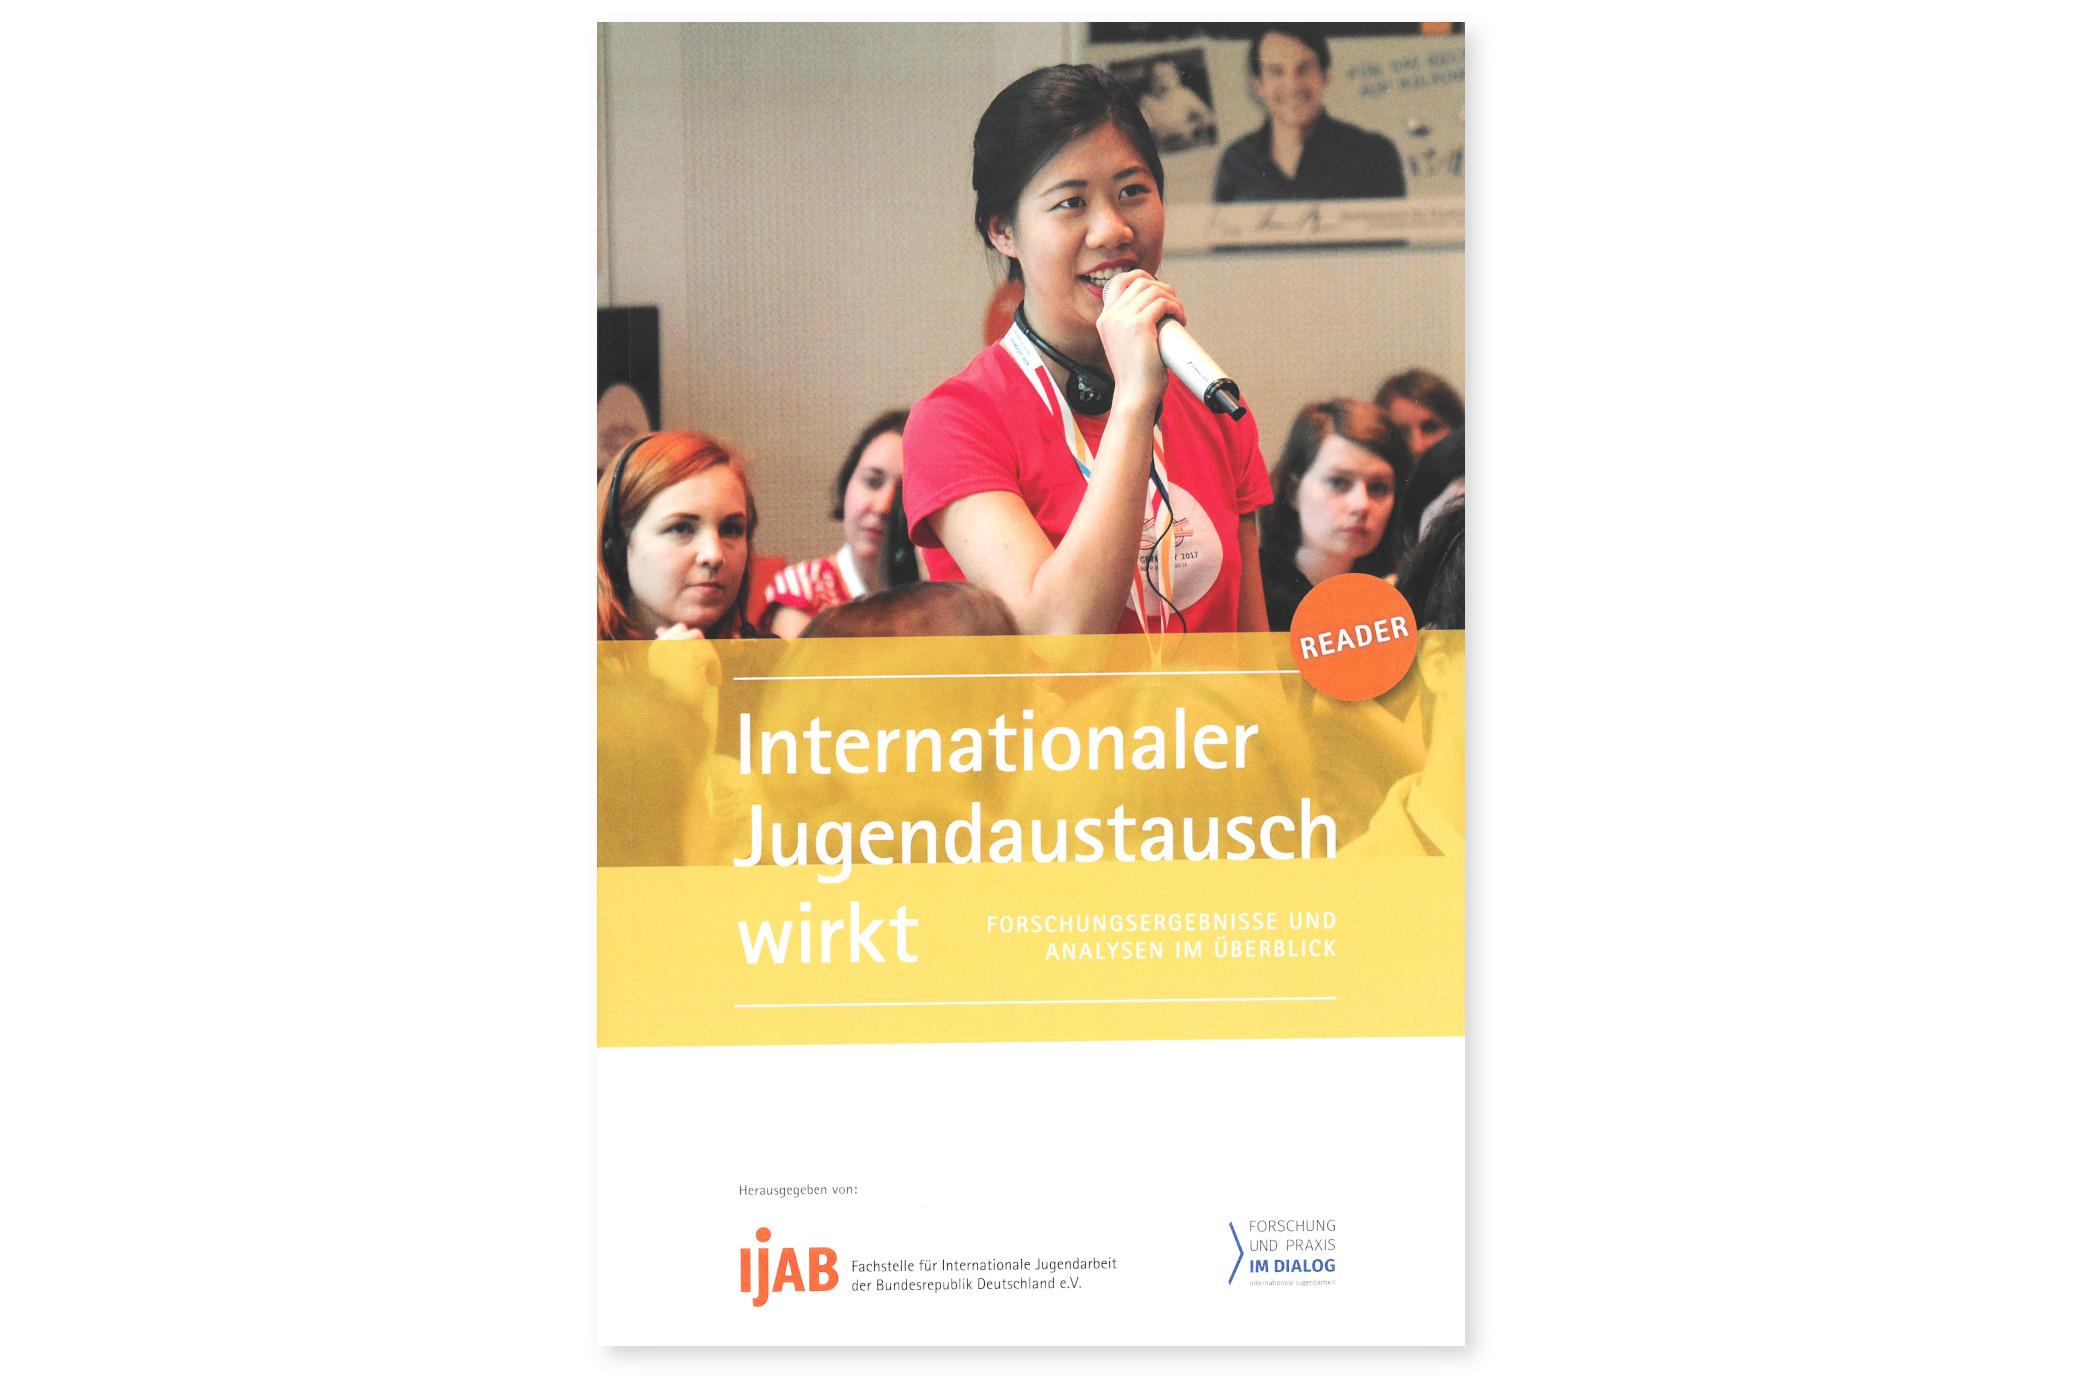 Titelbild - Internationaler Jugendaustausch wirkt.